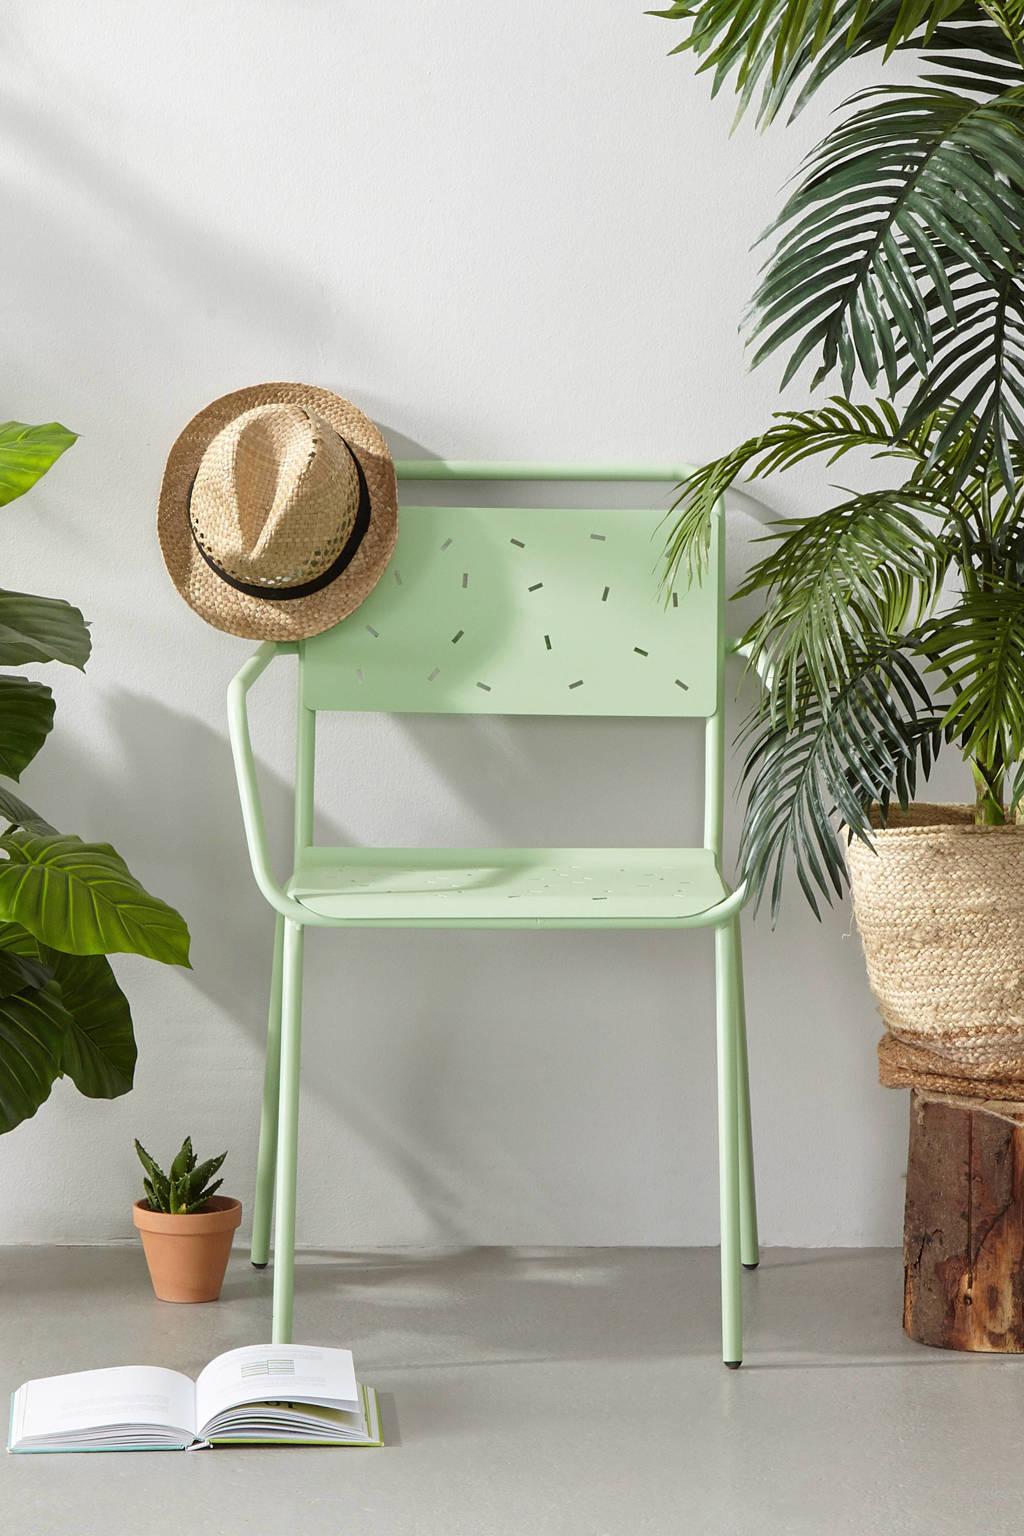 whkmp's own tuinstoel Pula, Pastel Groen